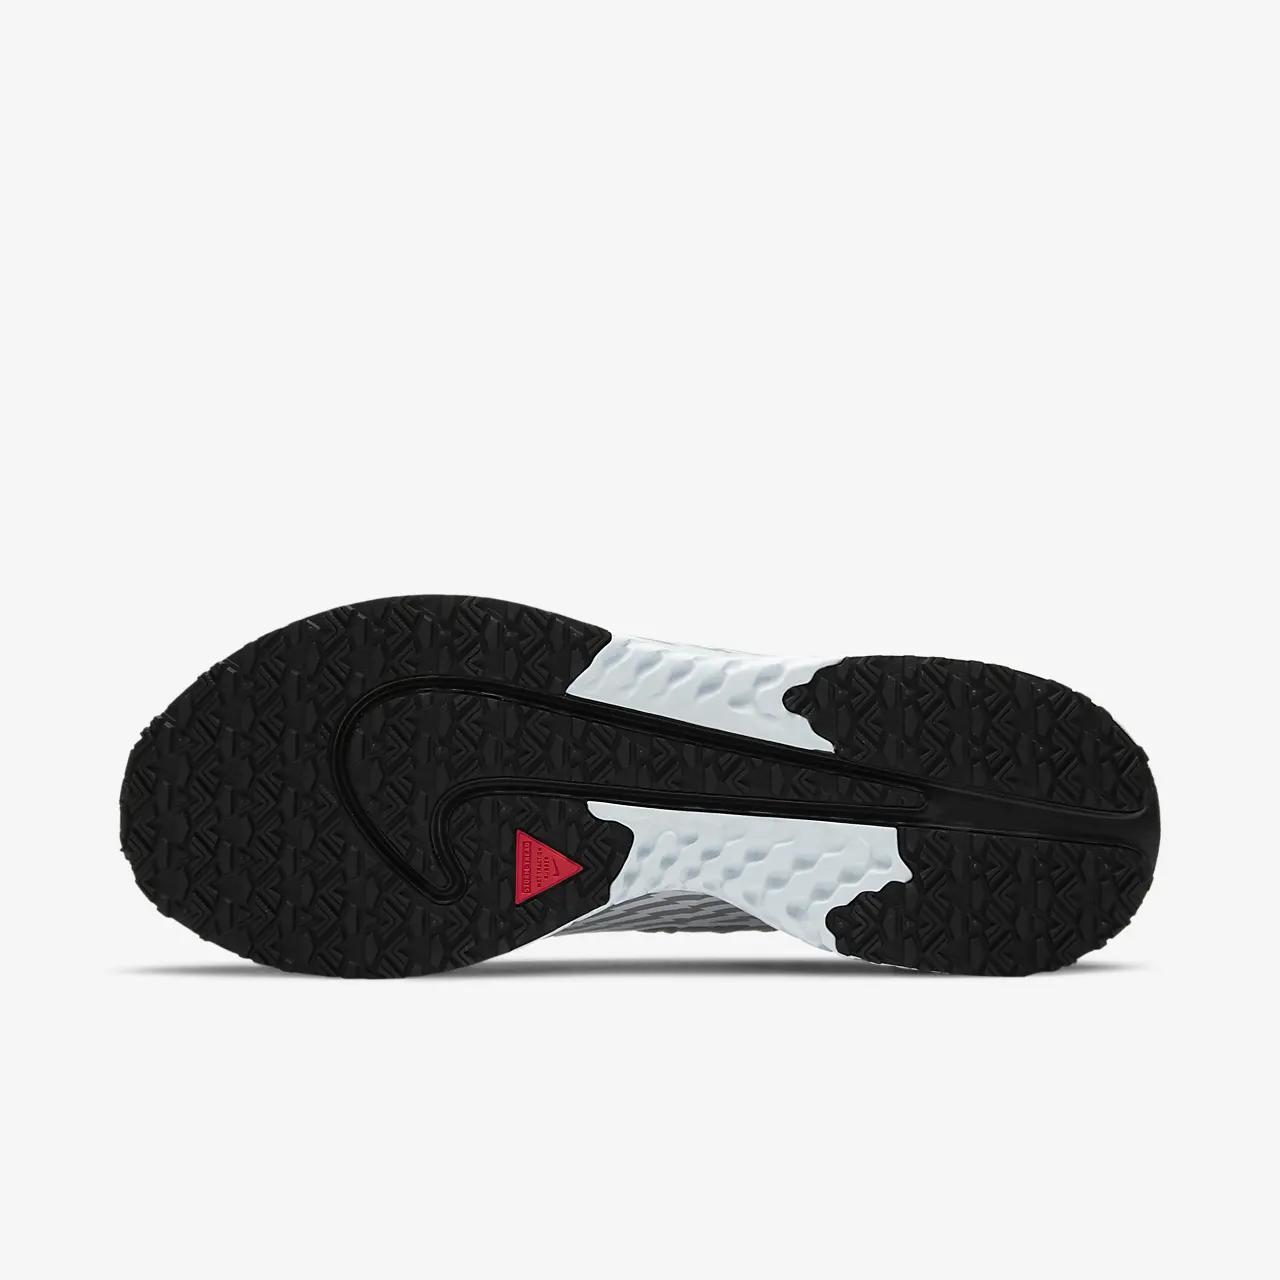 유럽직배송 나이키 NIKE Nike Legend React 3 Shield Men's Running Shoe CU3864-010